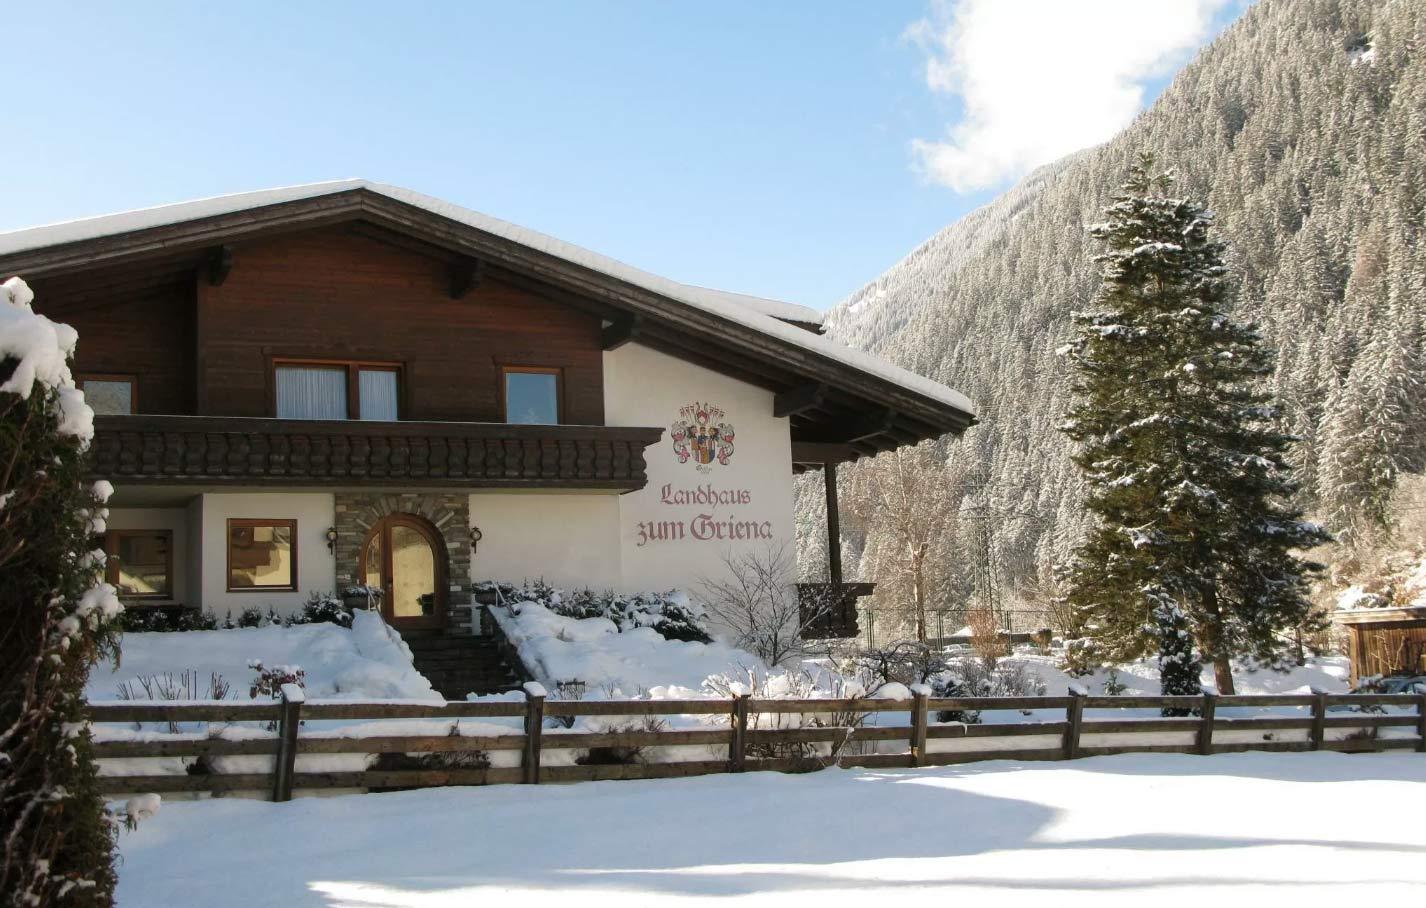 Landhaus zum Griena Mayrhofen